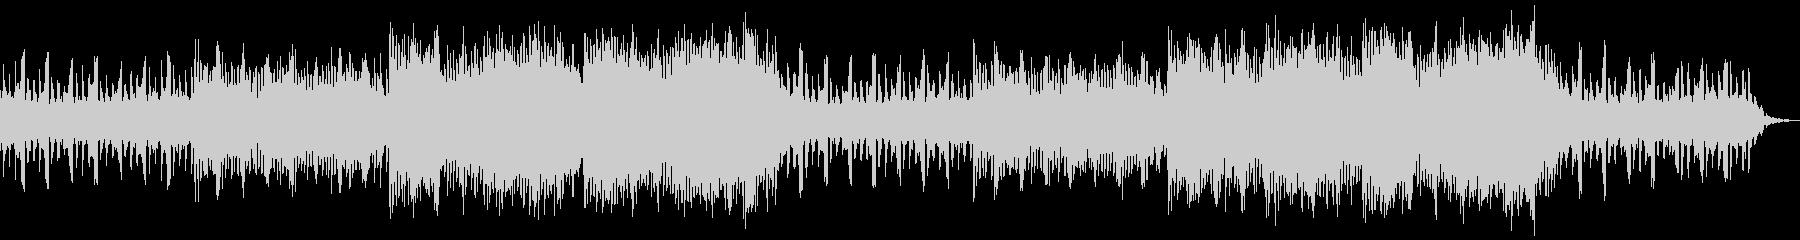 キラキラきれいなピアノコーポレートaの未再生の波形